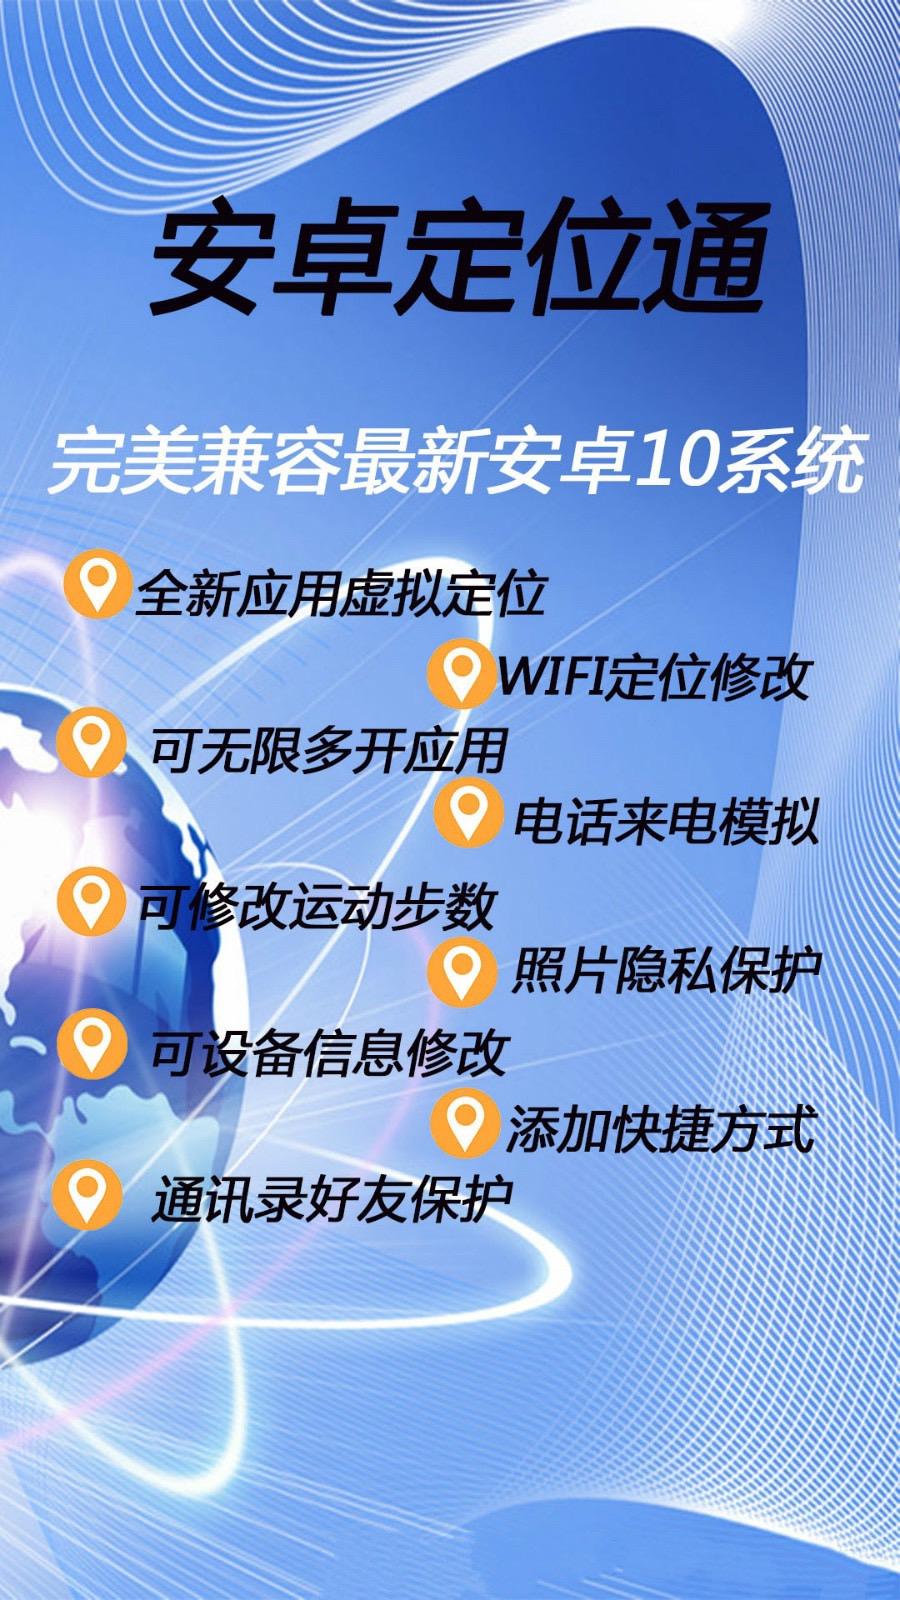 【安卓定位通年卡】WIFI定位修改